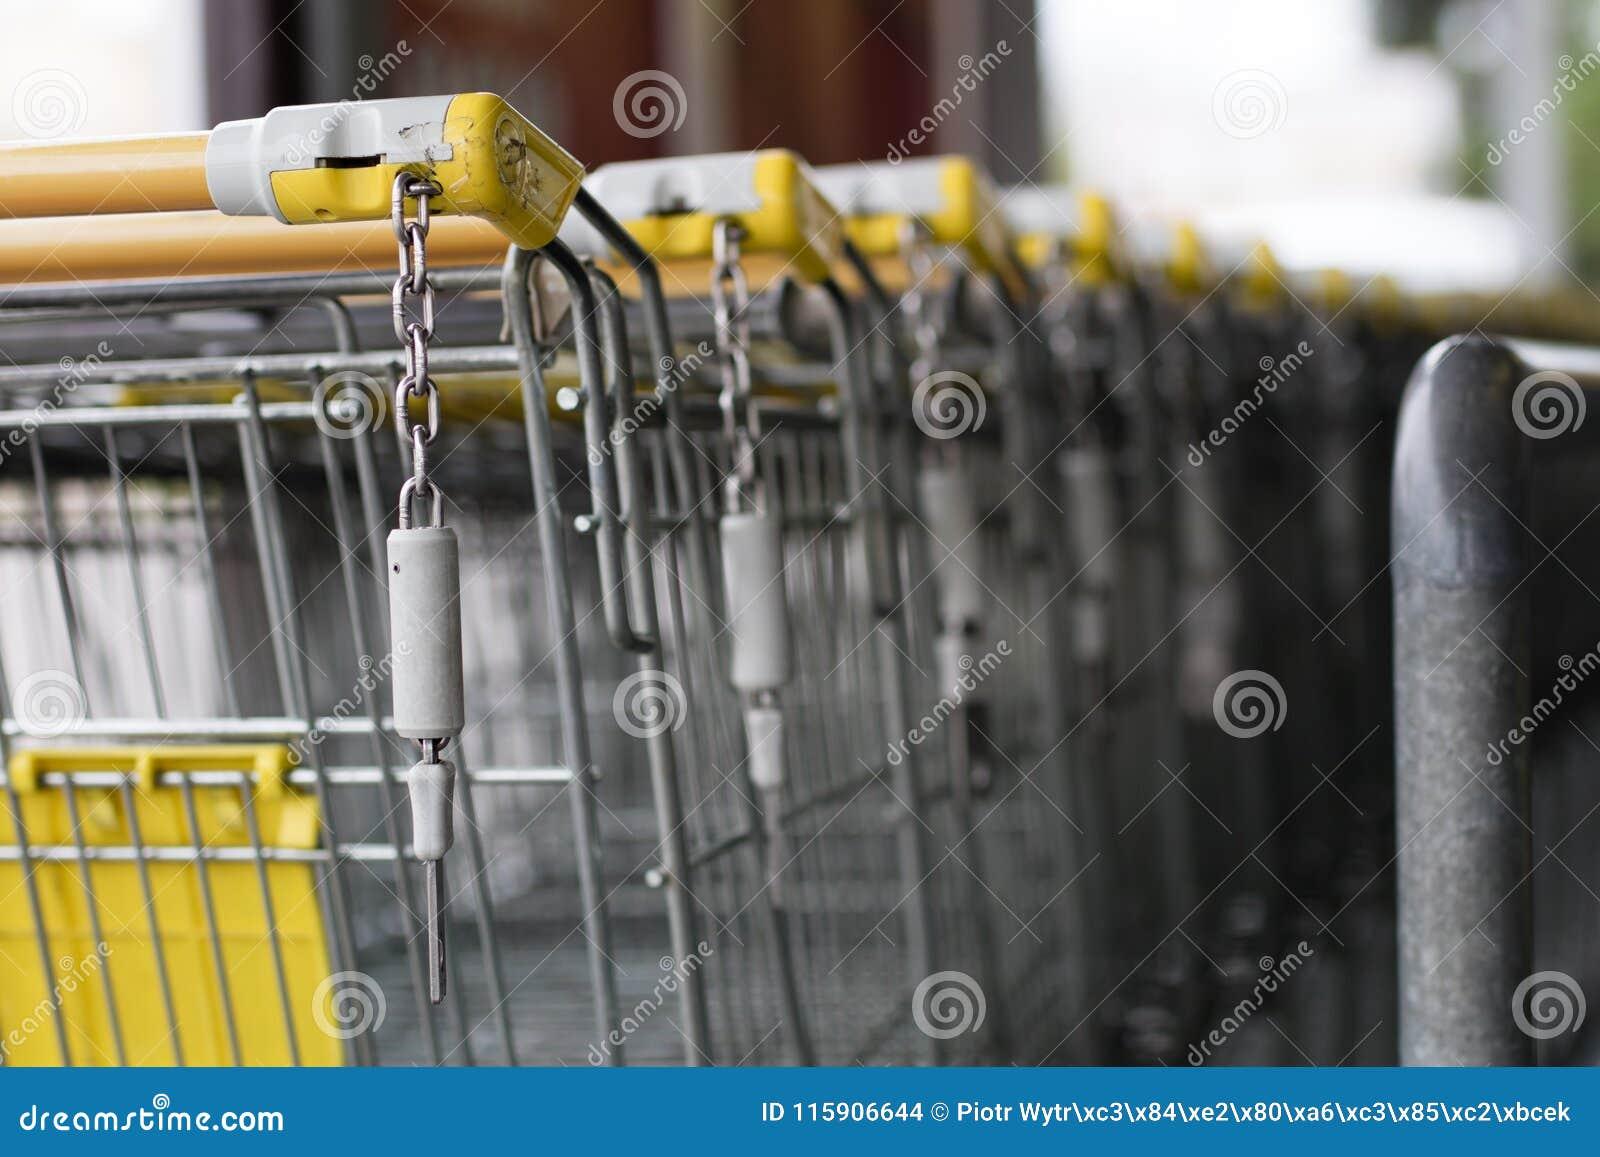 Spårvagnarna för shoppingvagnen förläggas under marknaden shopping